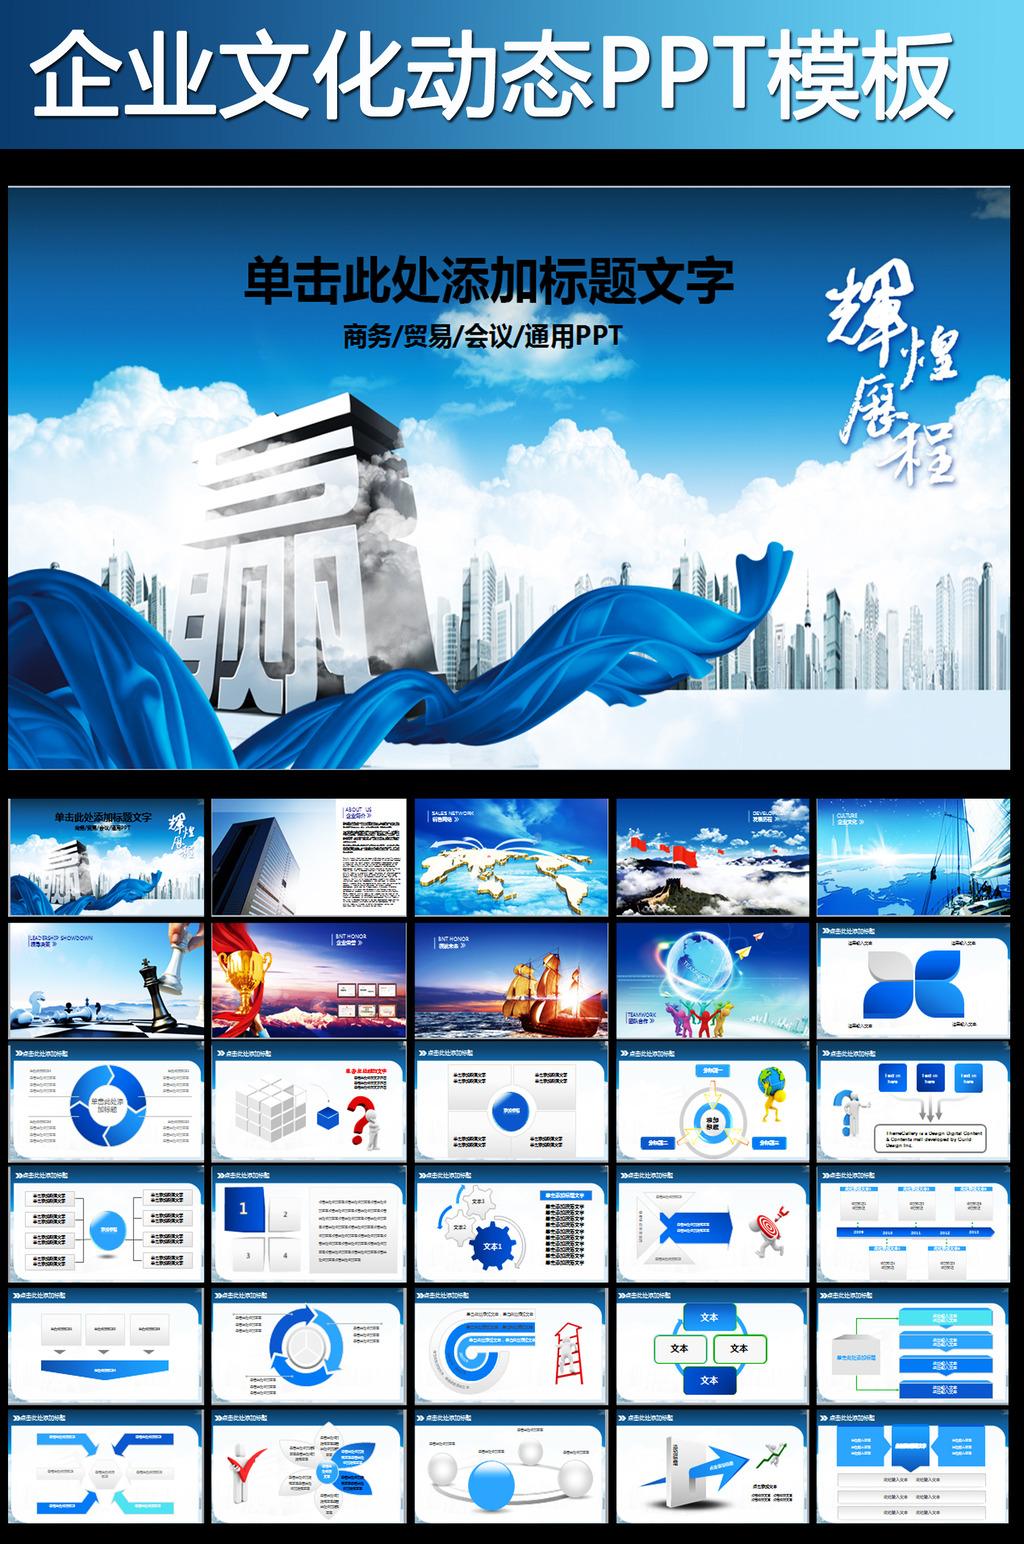 企业文化宣传公司简介产品动态ppt模板下载(图片编号